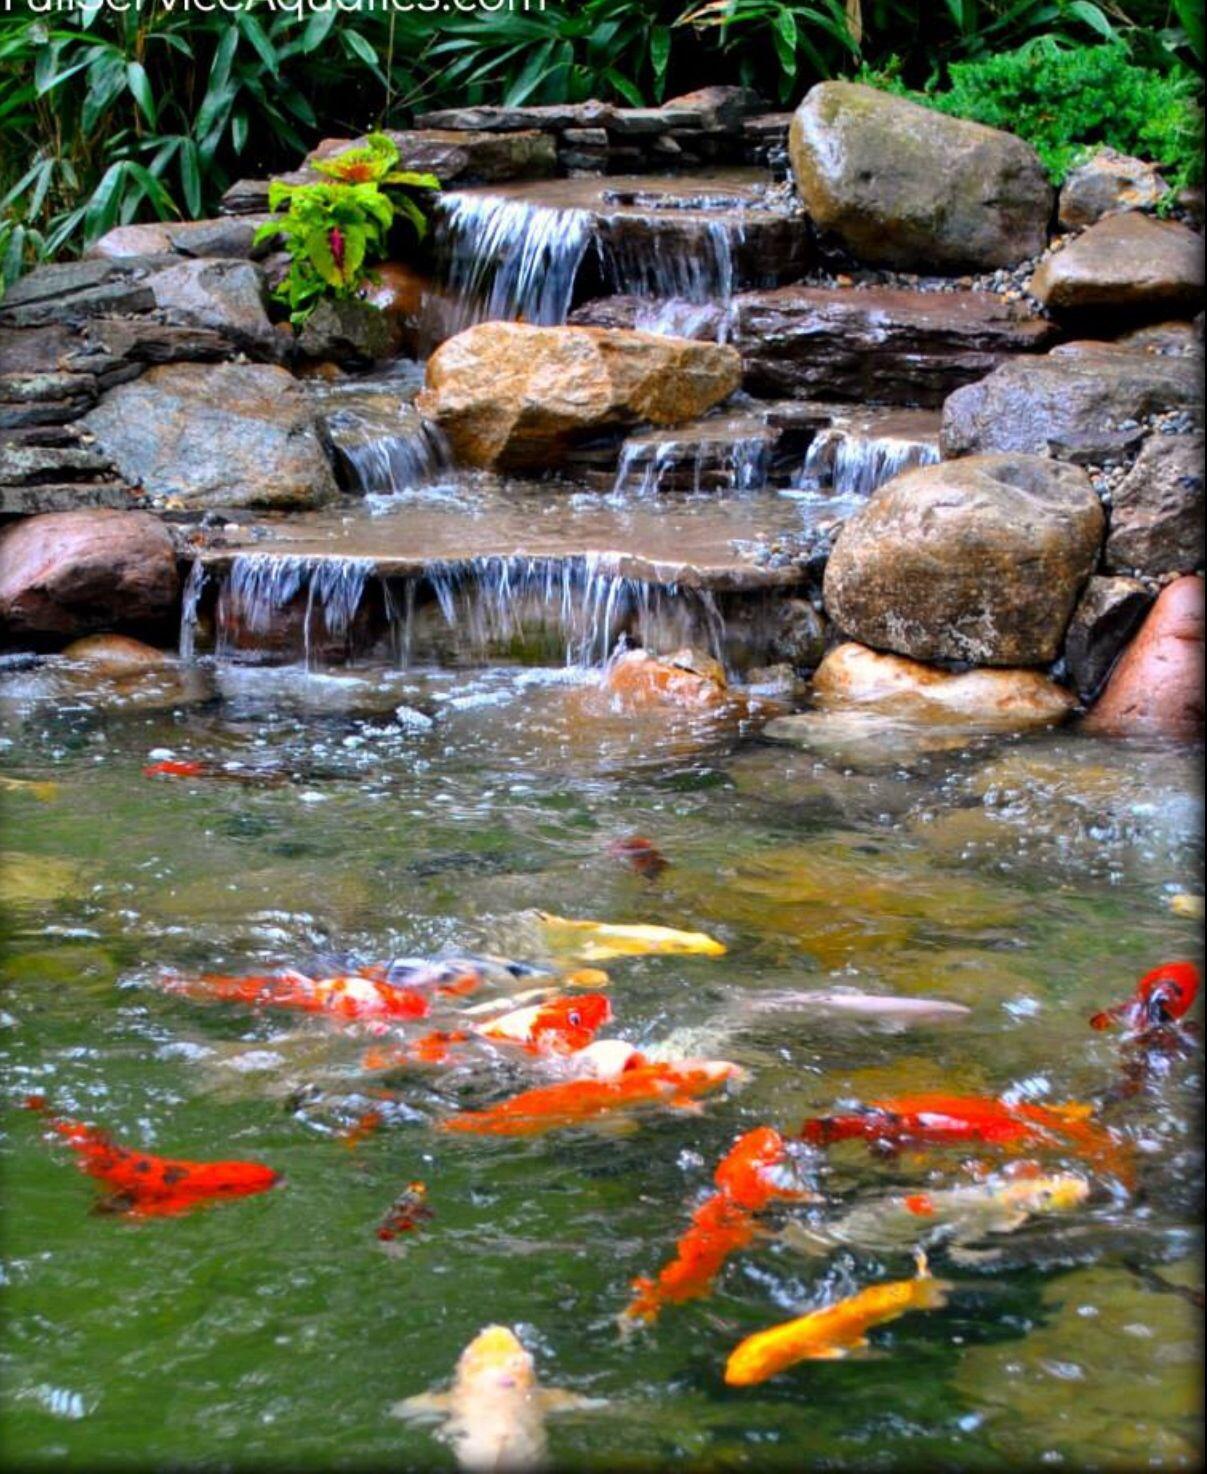 Koi Fish In A Backyard Pond